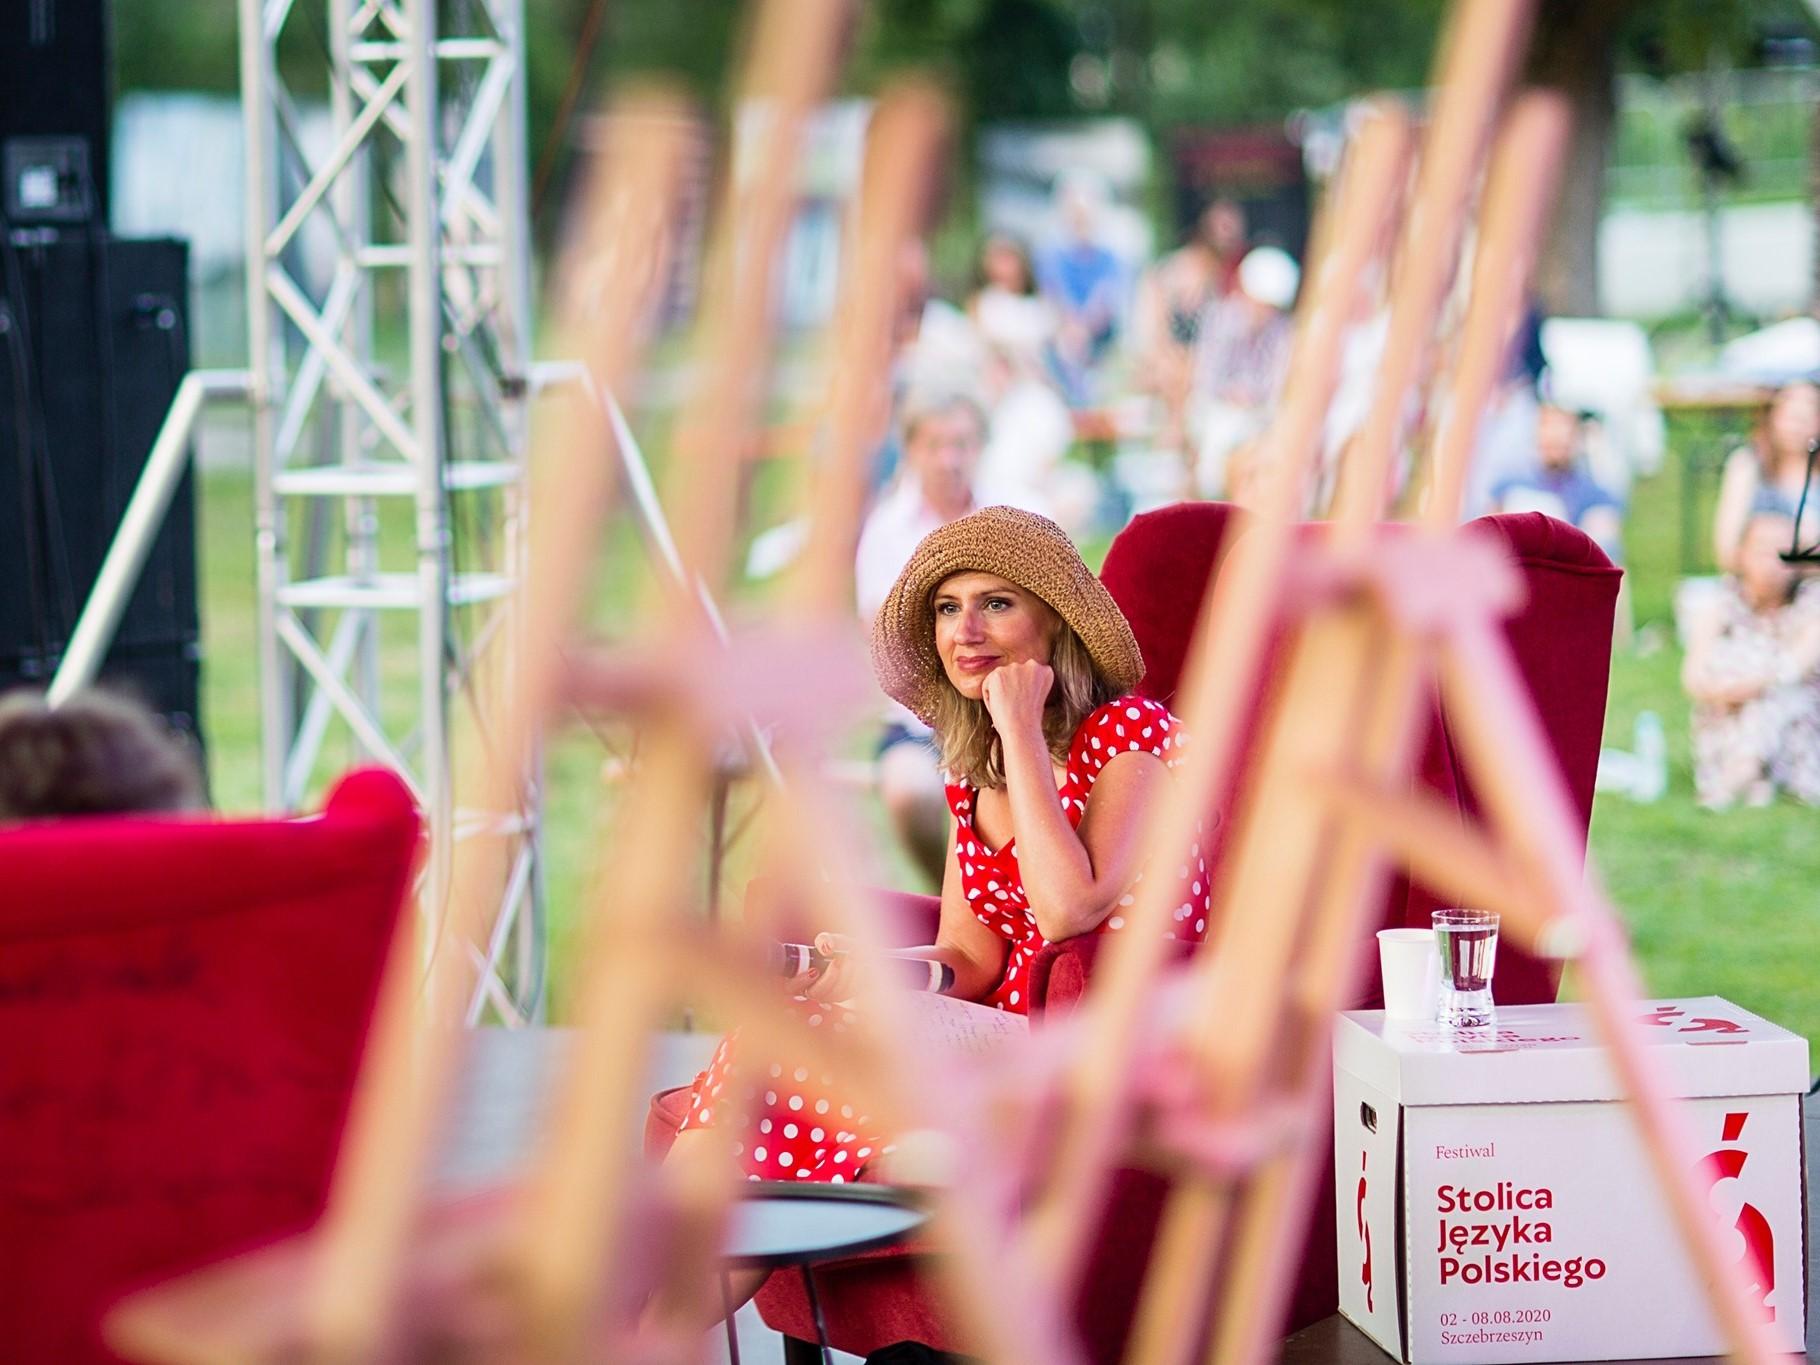 Justyna Sobolewska